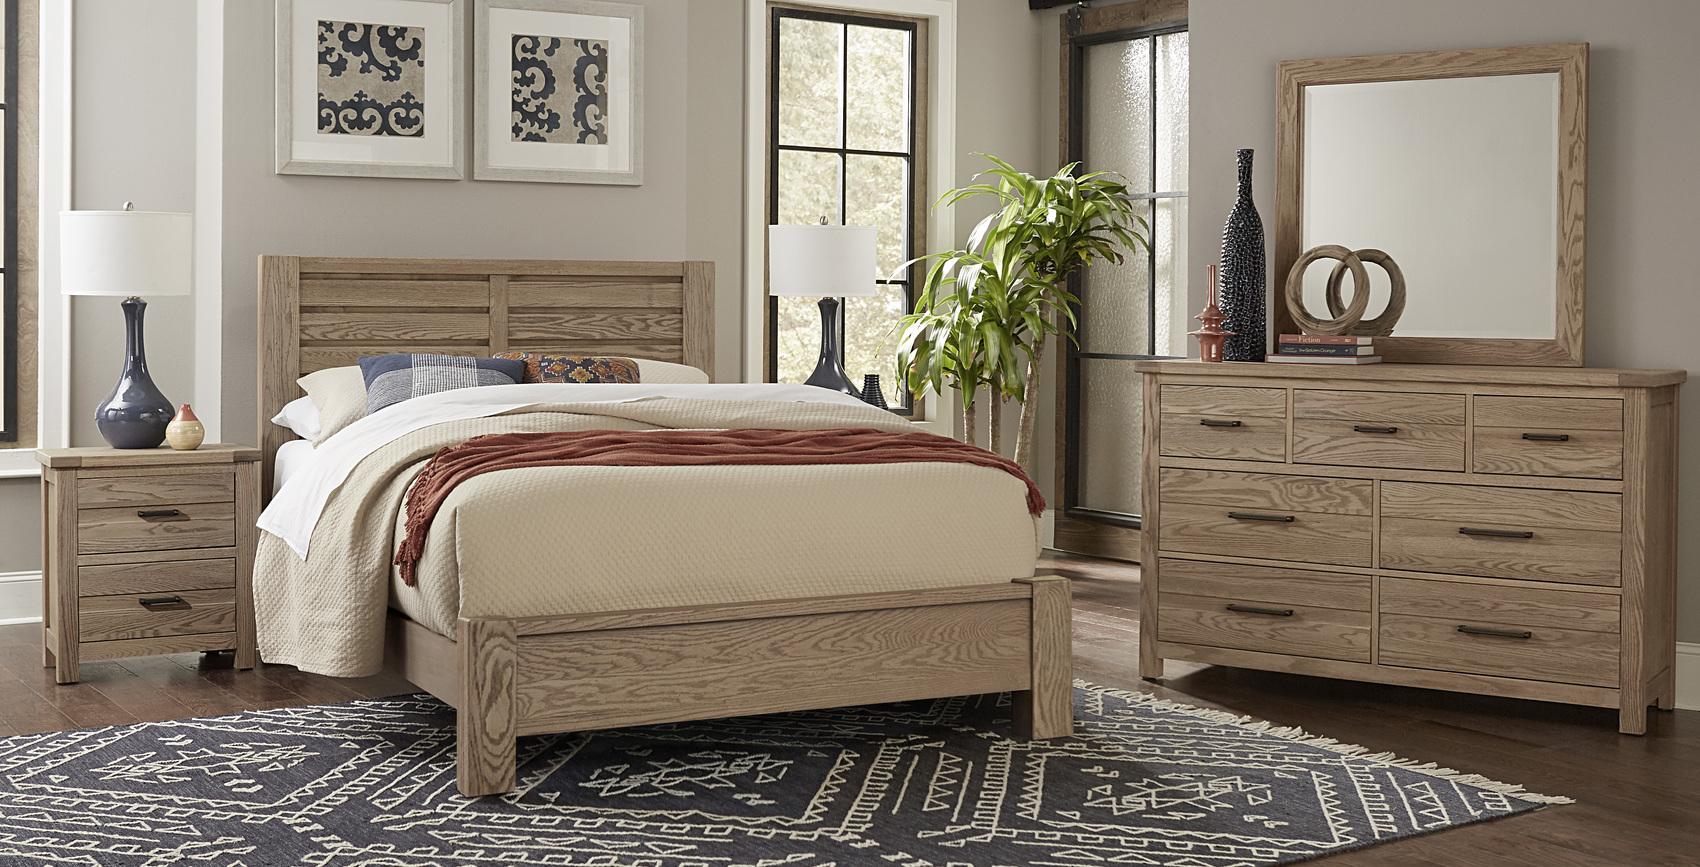 17 أجمل الغرف المتطورة للنوم